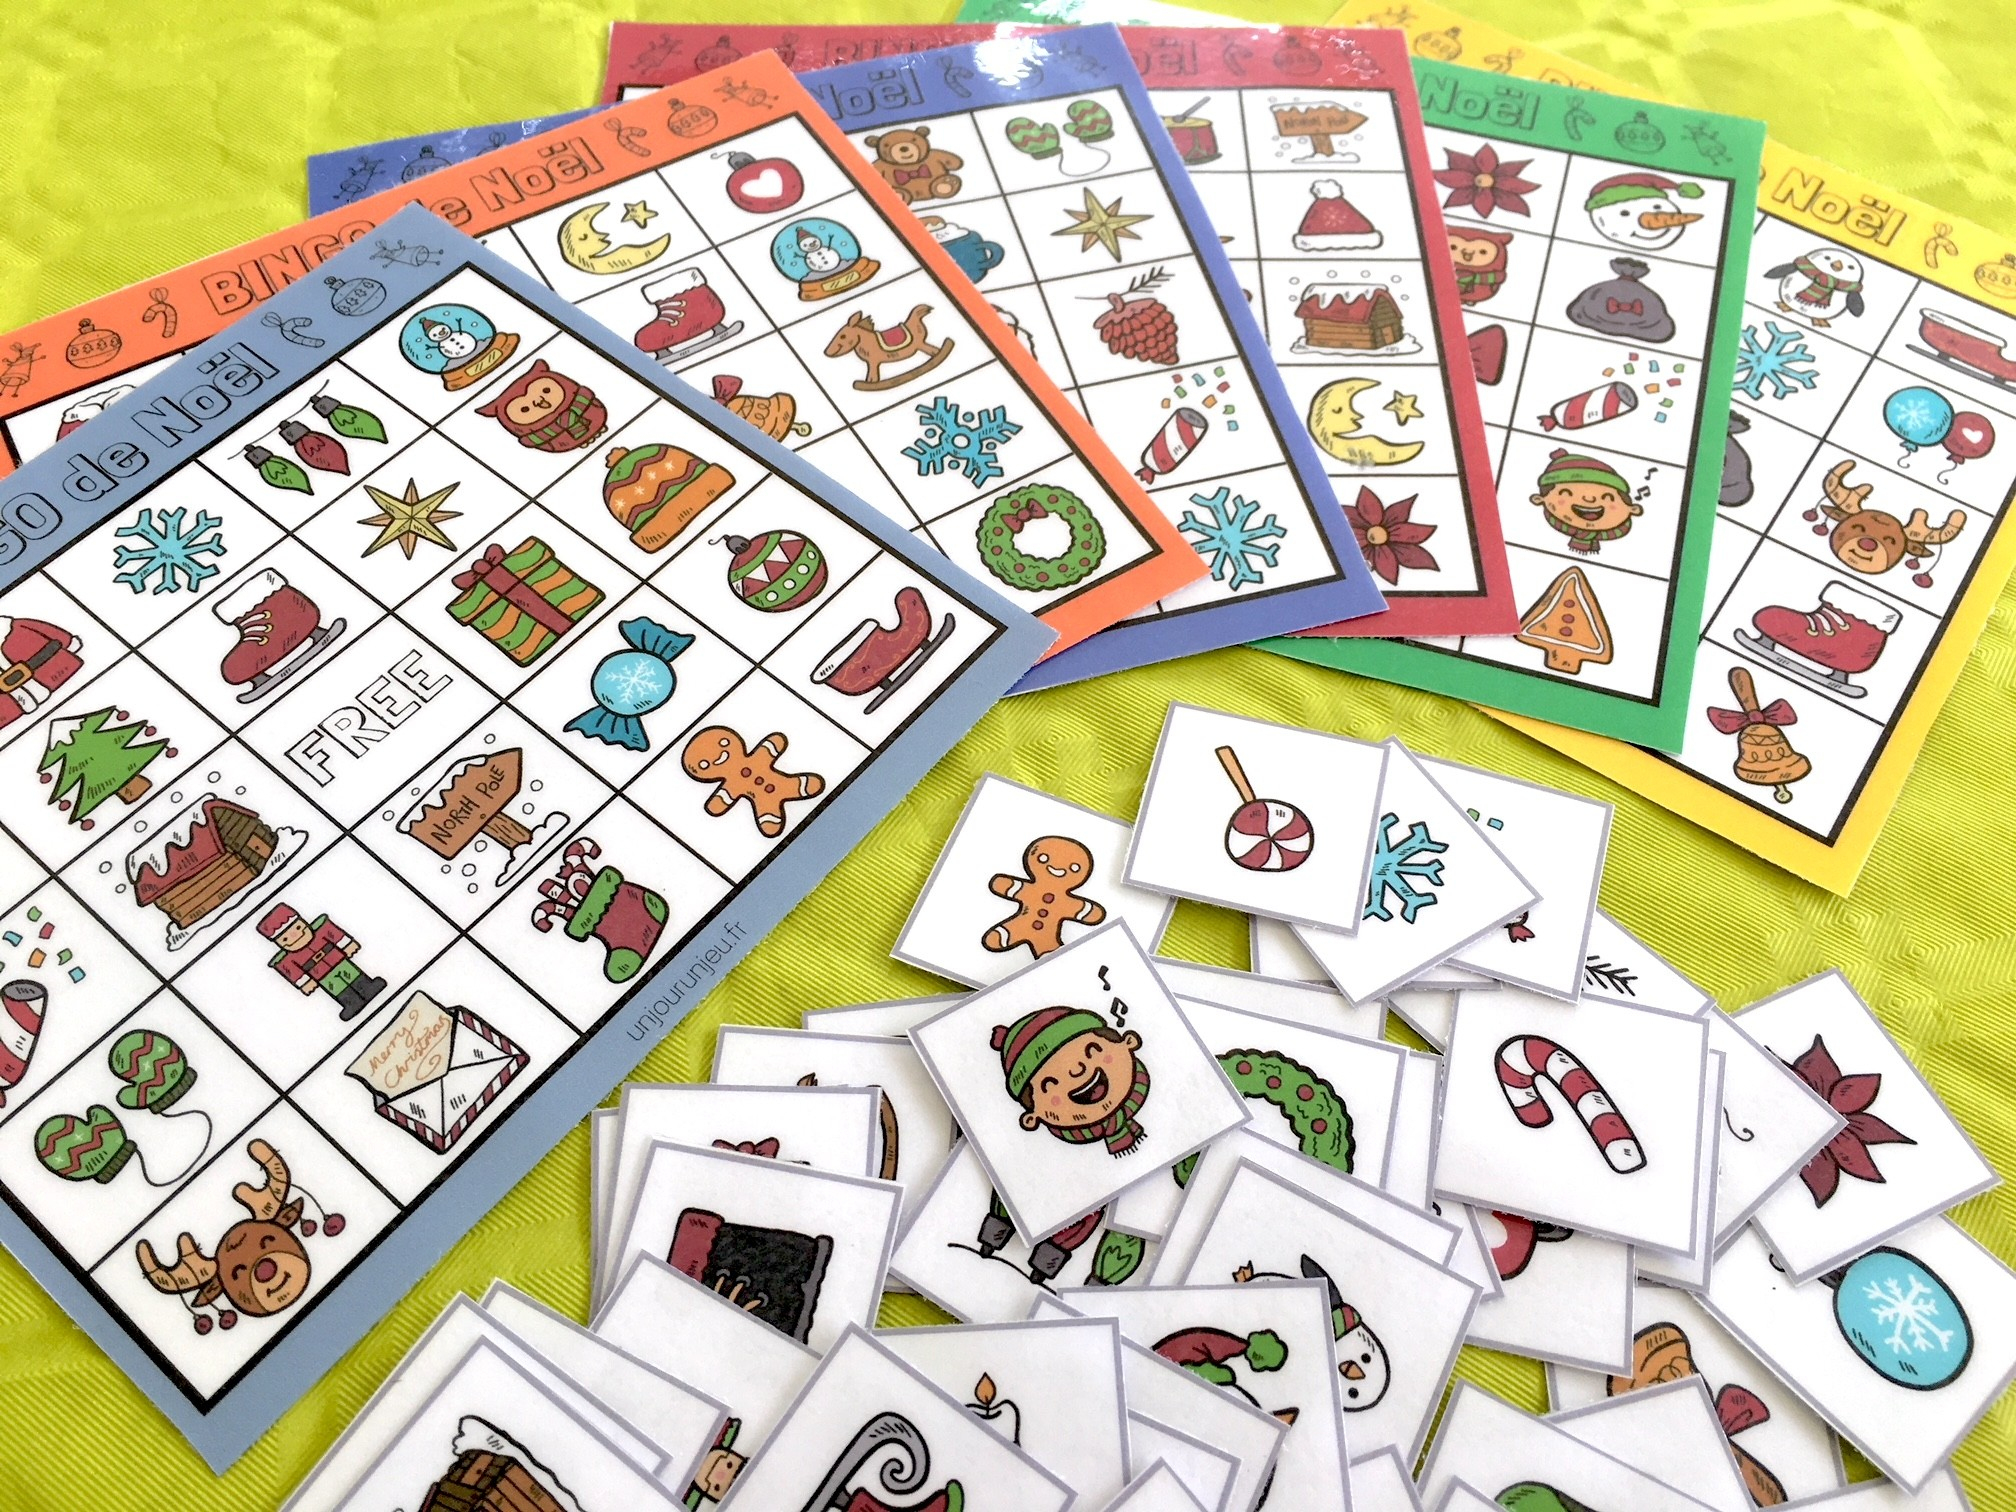 Jeu De Noël : Bingo À Télécharger Gratuitement Pour Vos Enfants dedans Jeux Bébé 2 Ans Gratuit A Telecharger